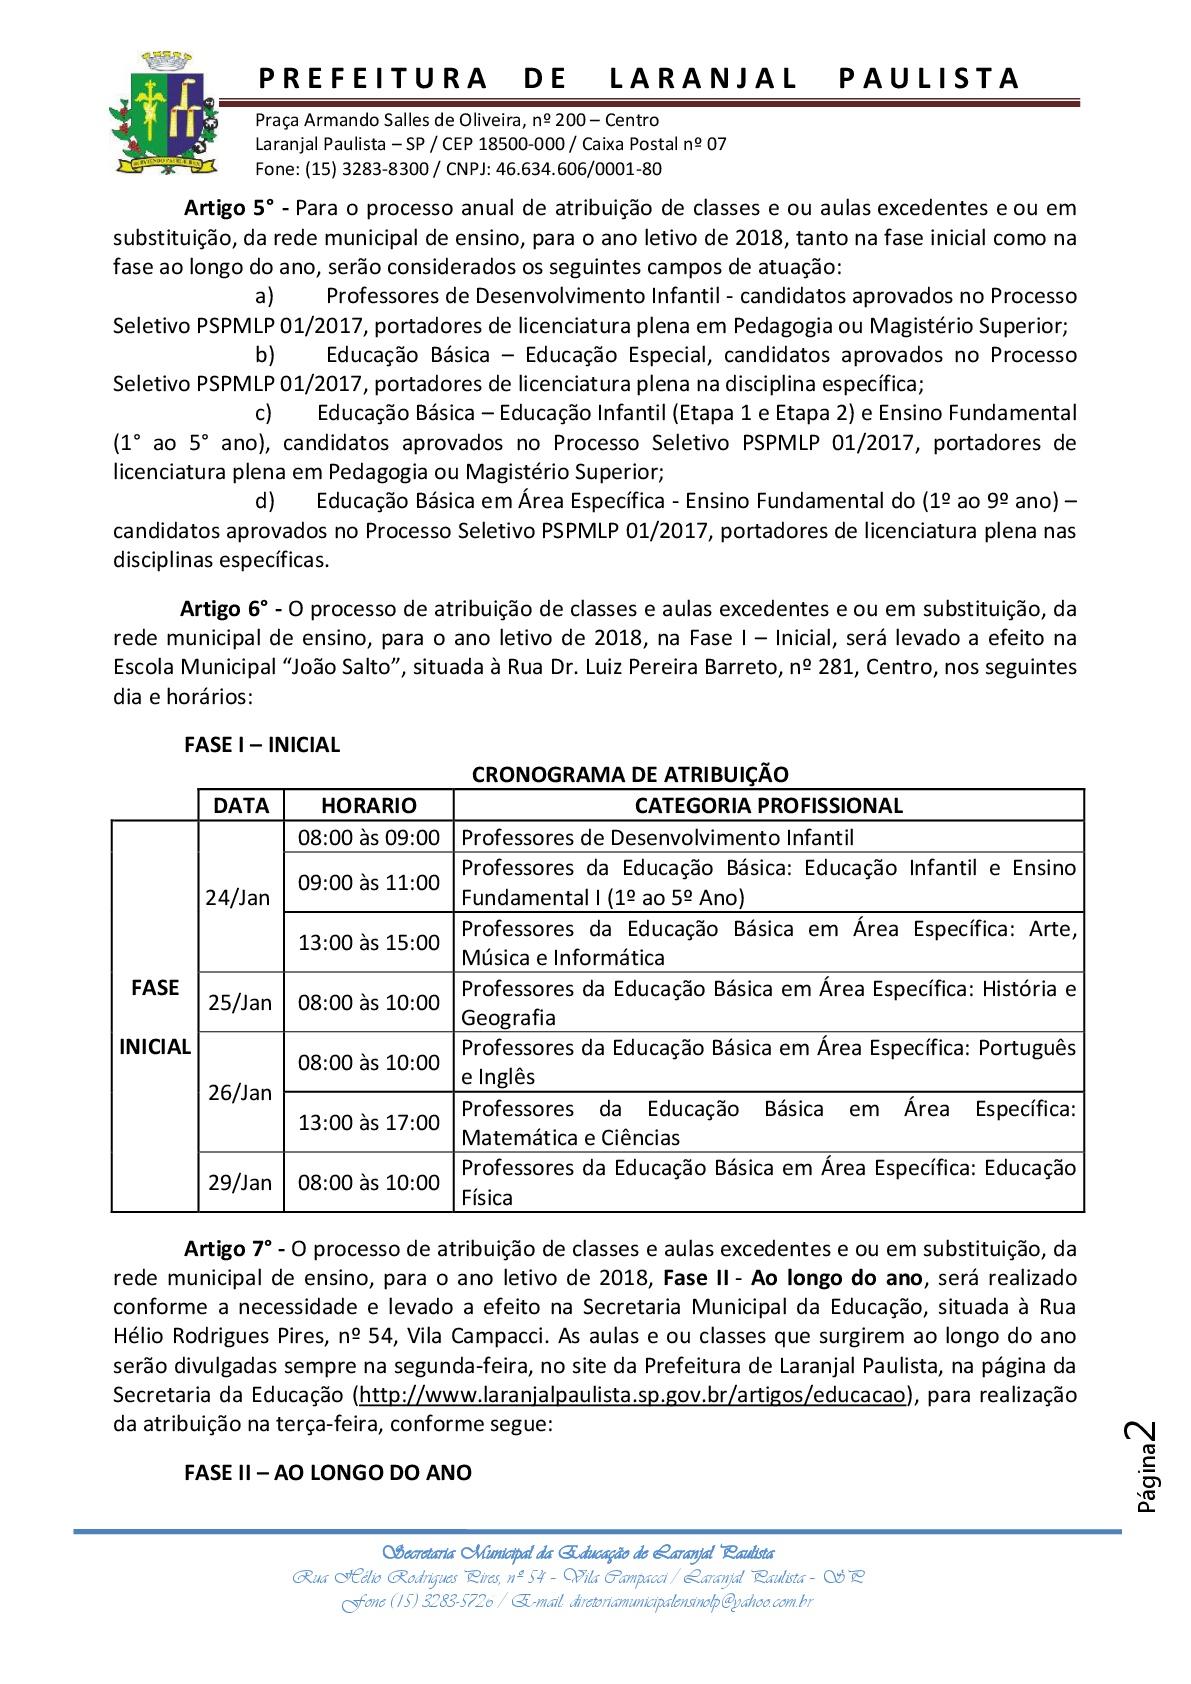 Instrução normativa 2018 - 001 - Excedentes processo seletivo.